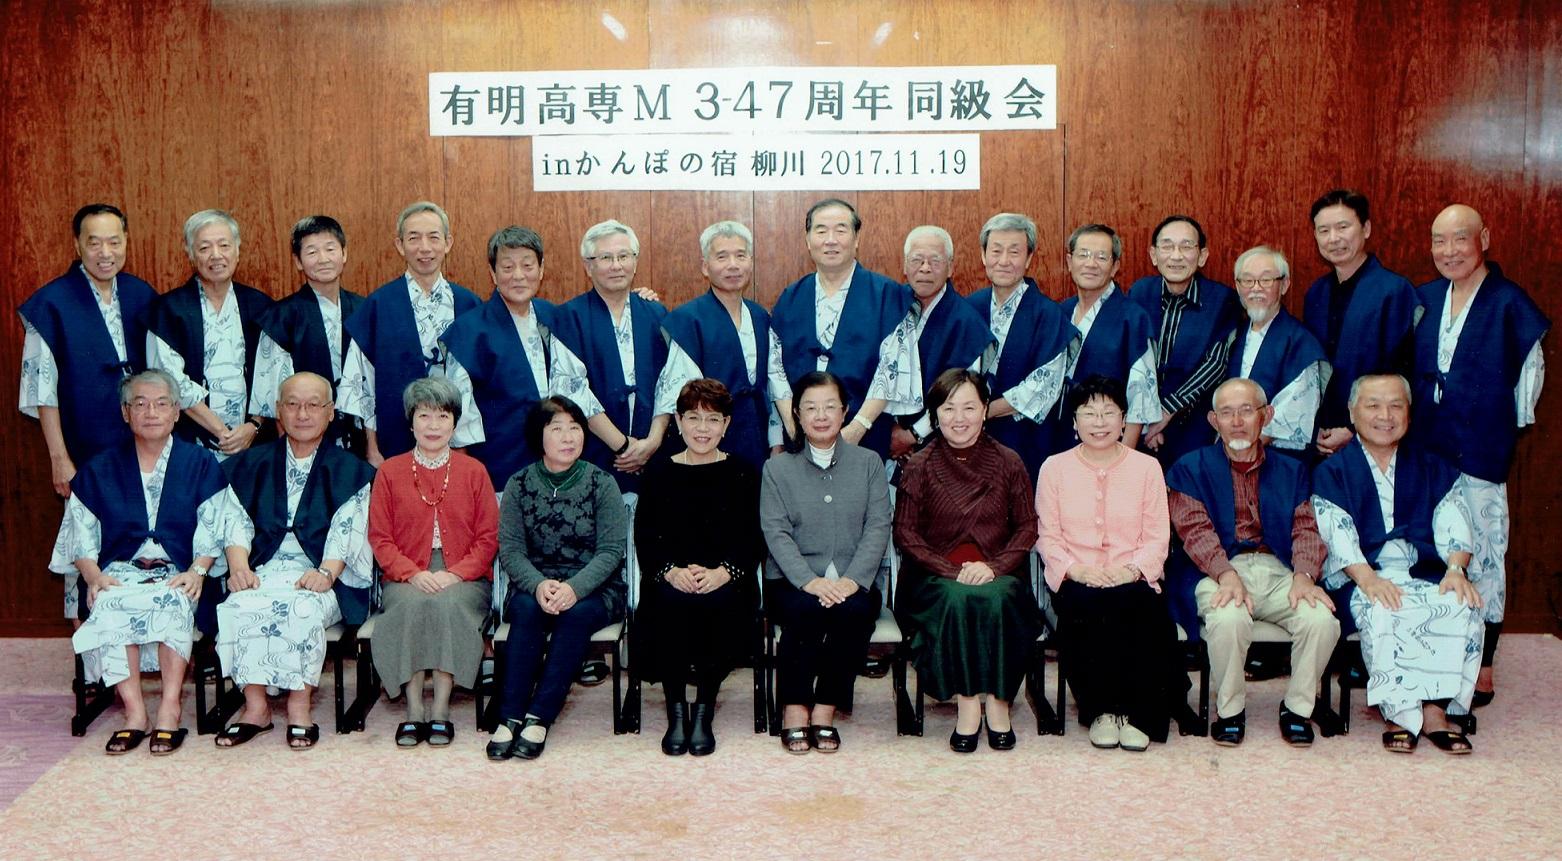 M3 47周年同級会集合写真 – コピー